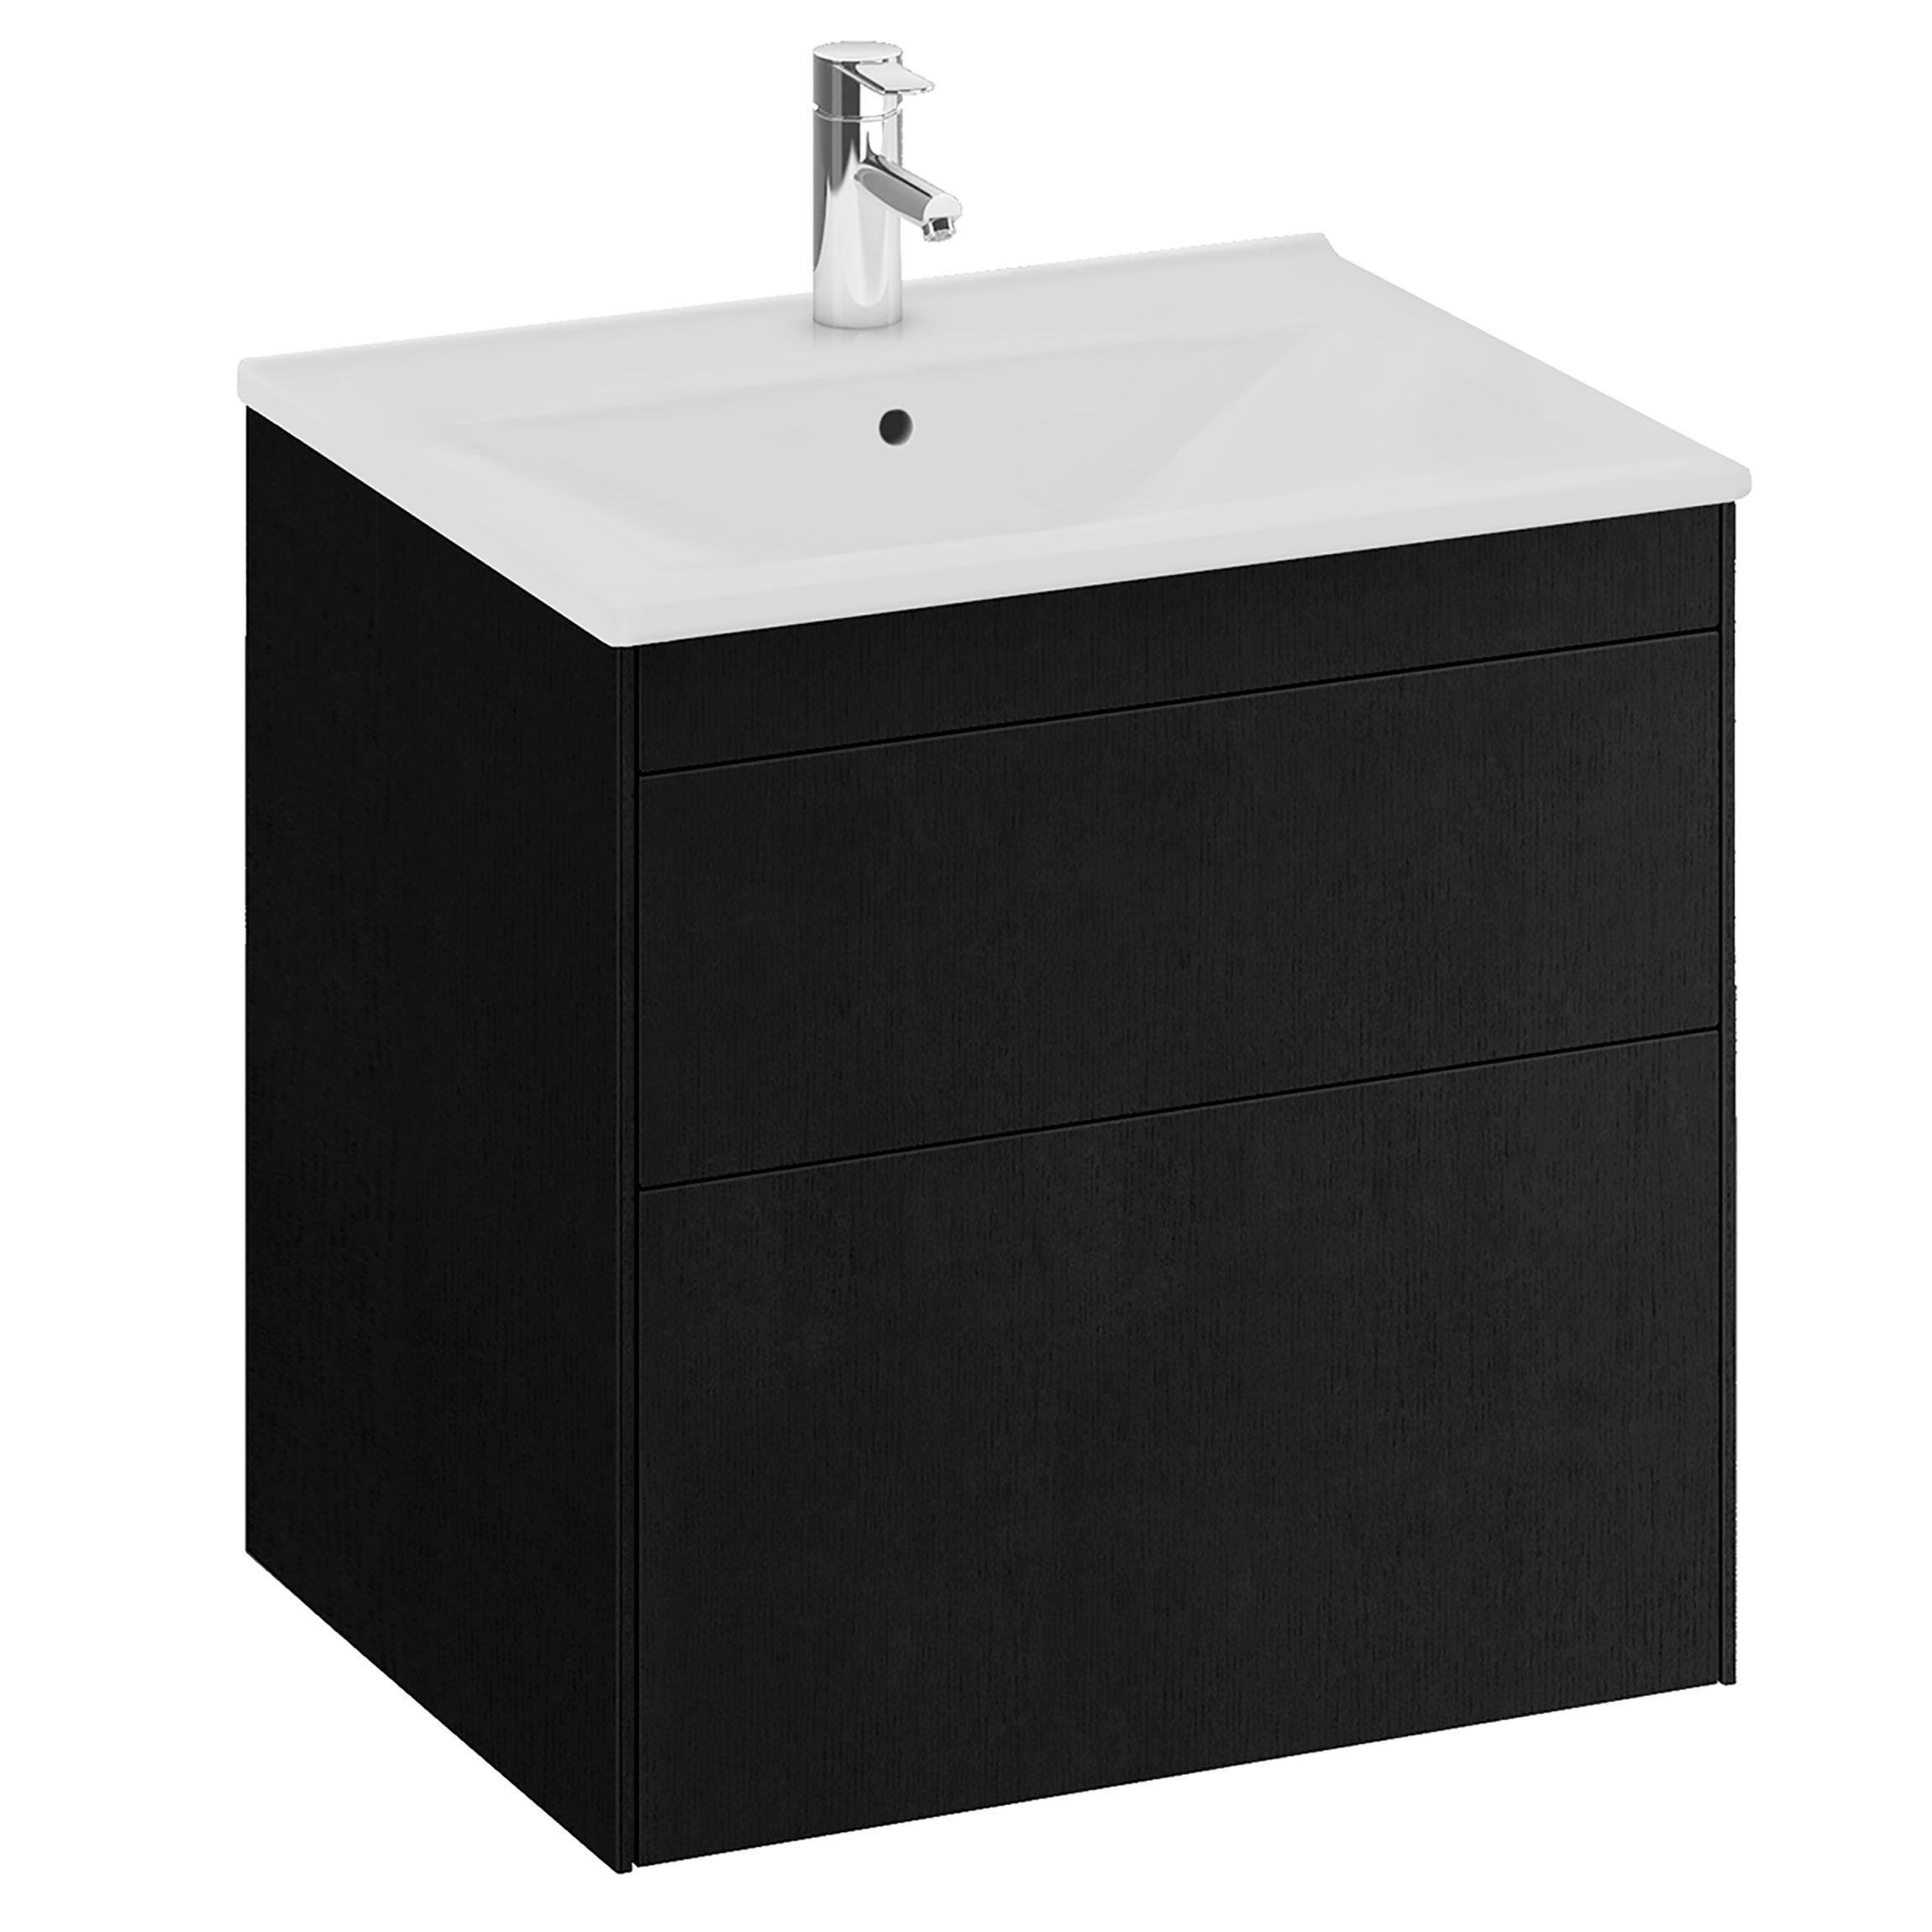 Tvättställsskåp Ifö Sense 60 med Låda